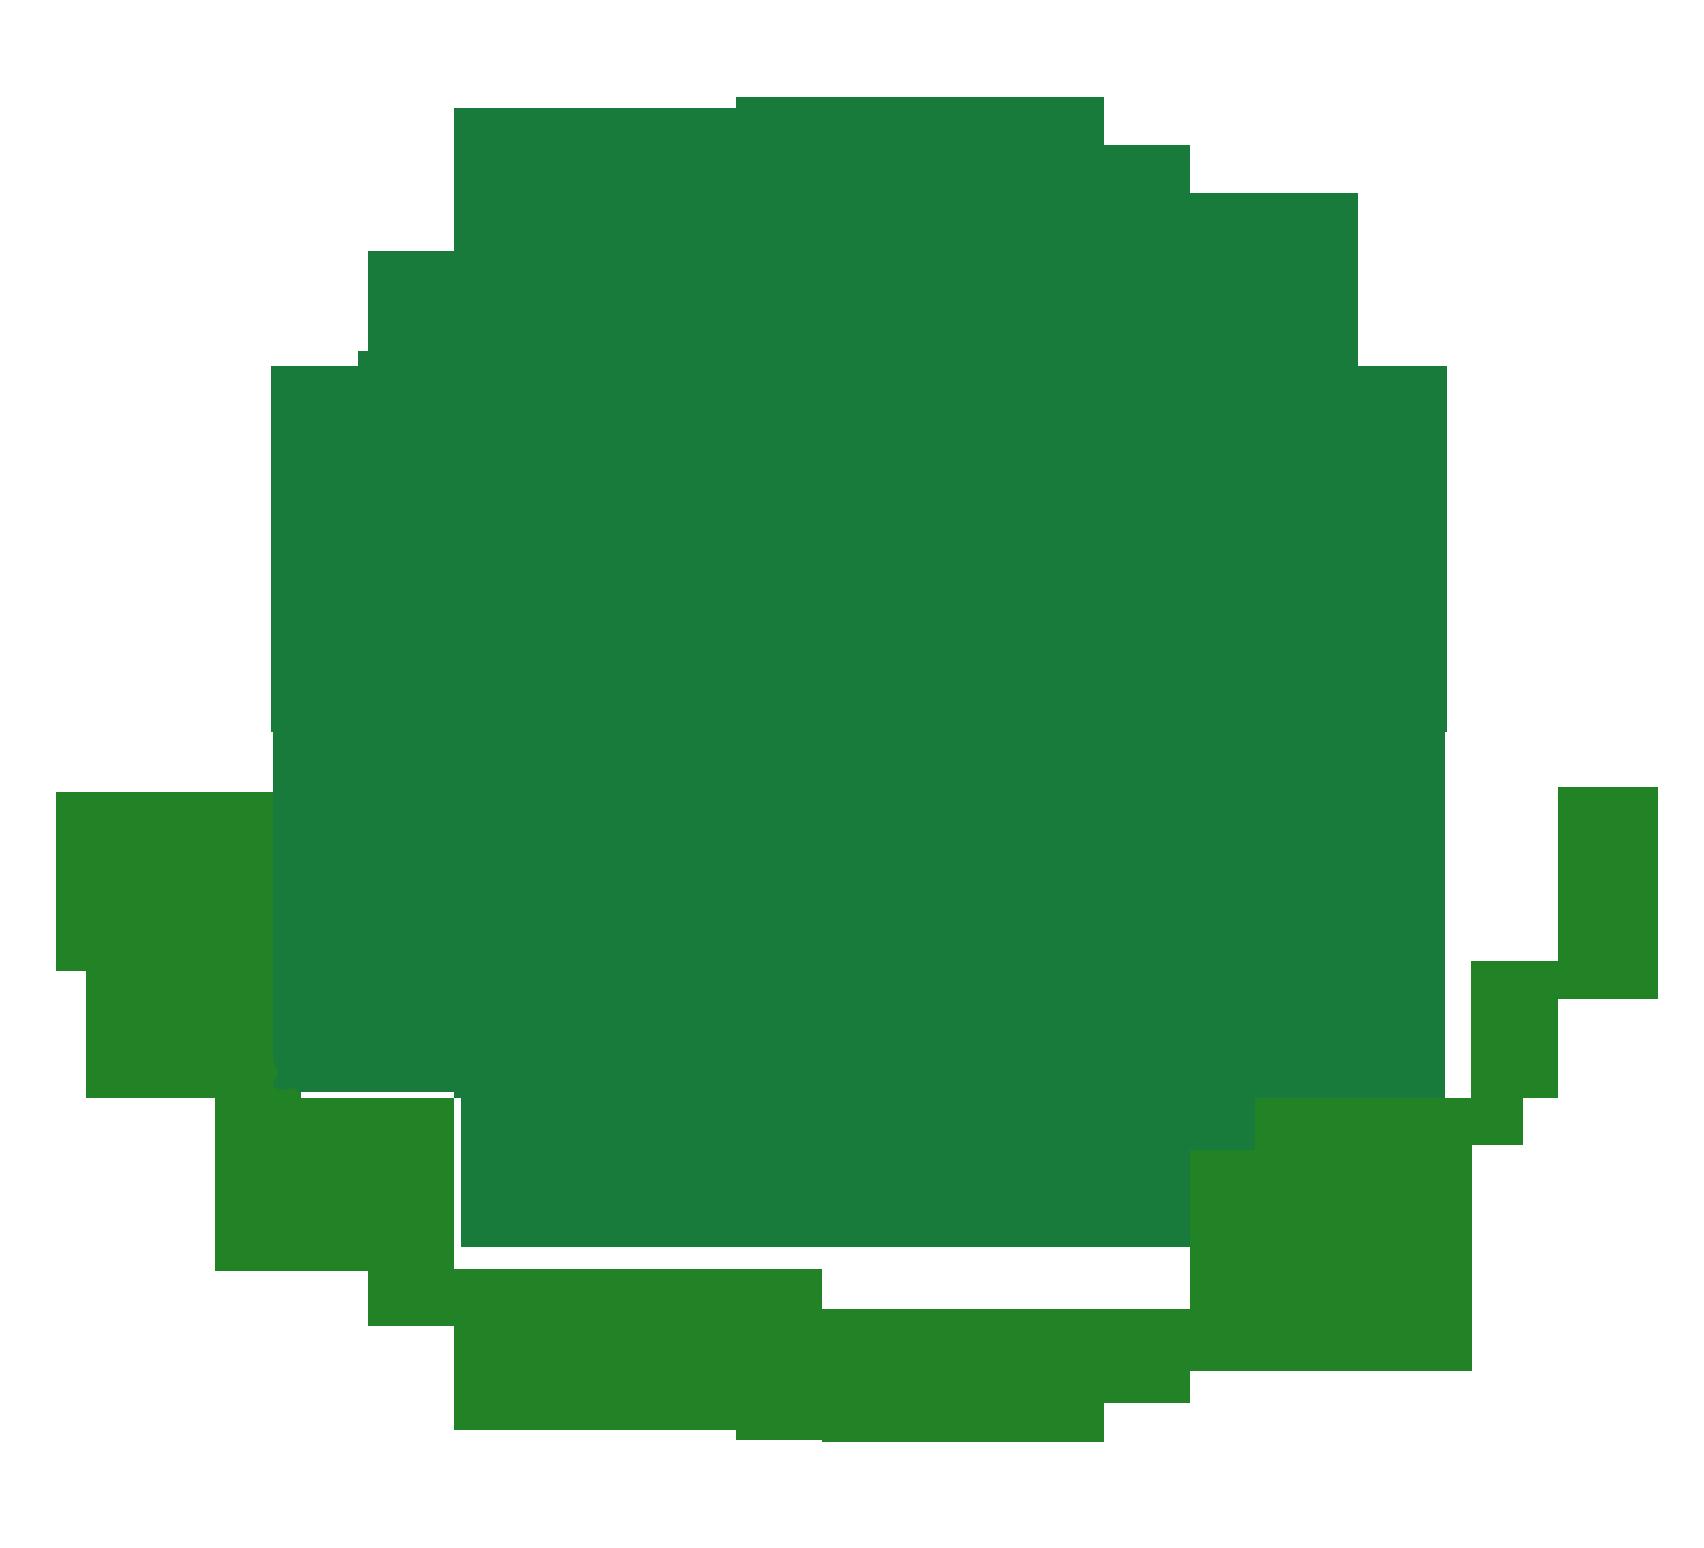 กลุ่มพัฒนาระบบบริหาร กรมศิลปาร ร่วมกิจกรรมเนื่องในวันอนุรักษ์มรดกไทย พุทธศักราช ๒๕๖๔